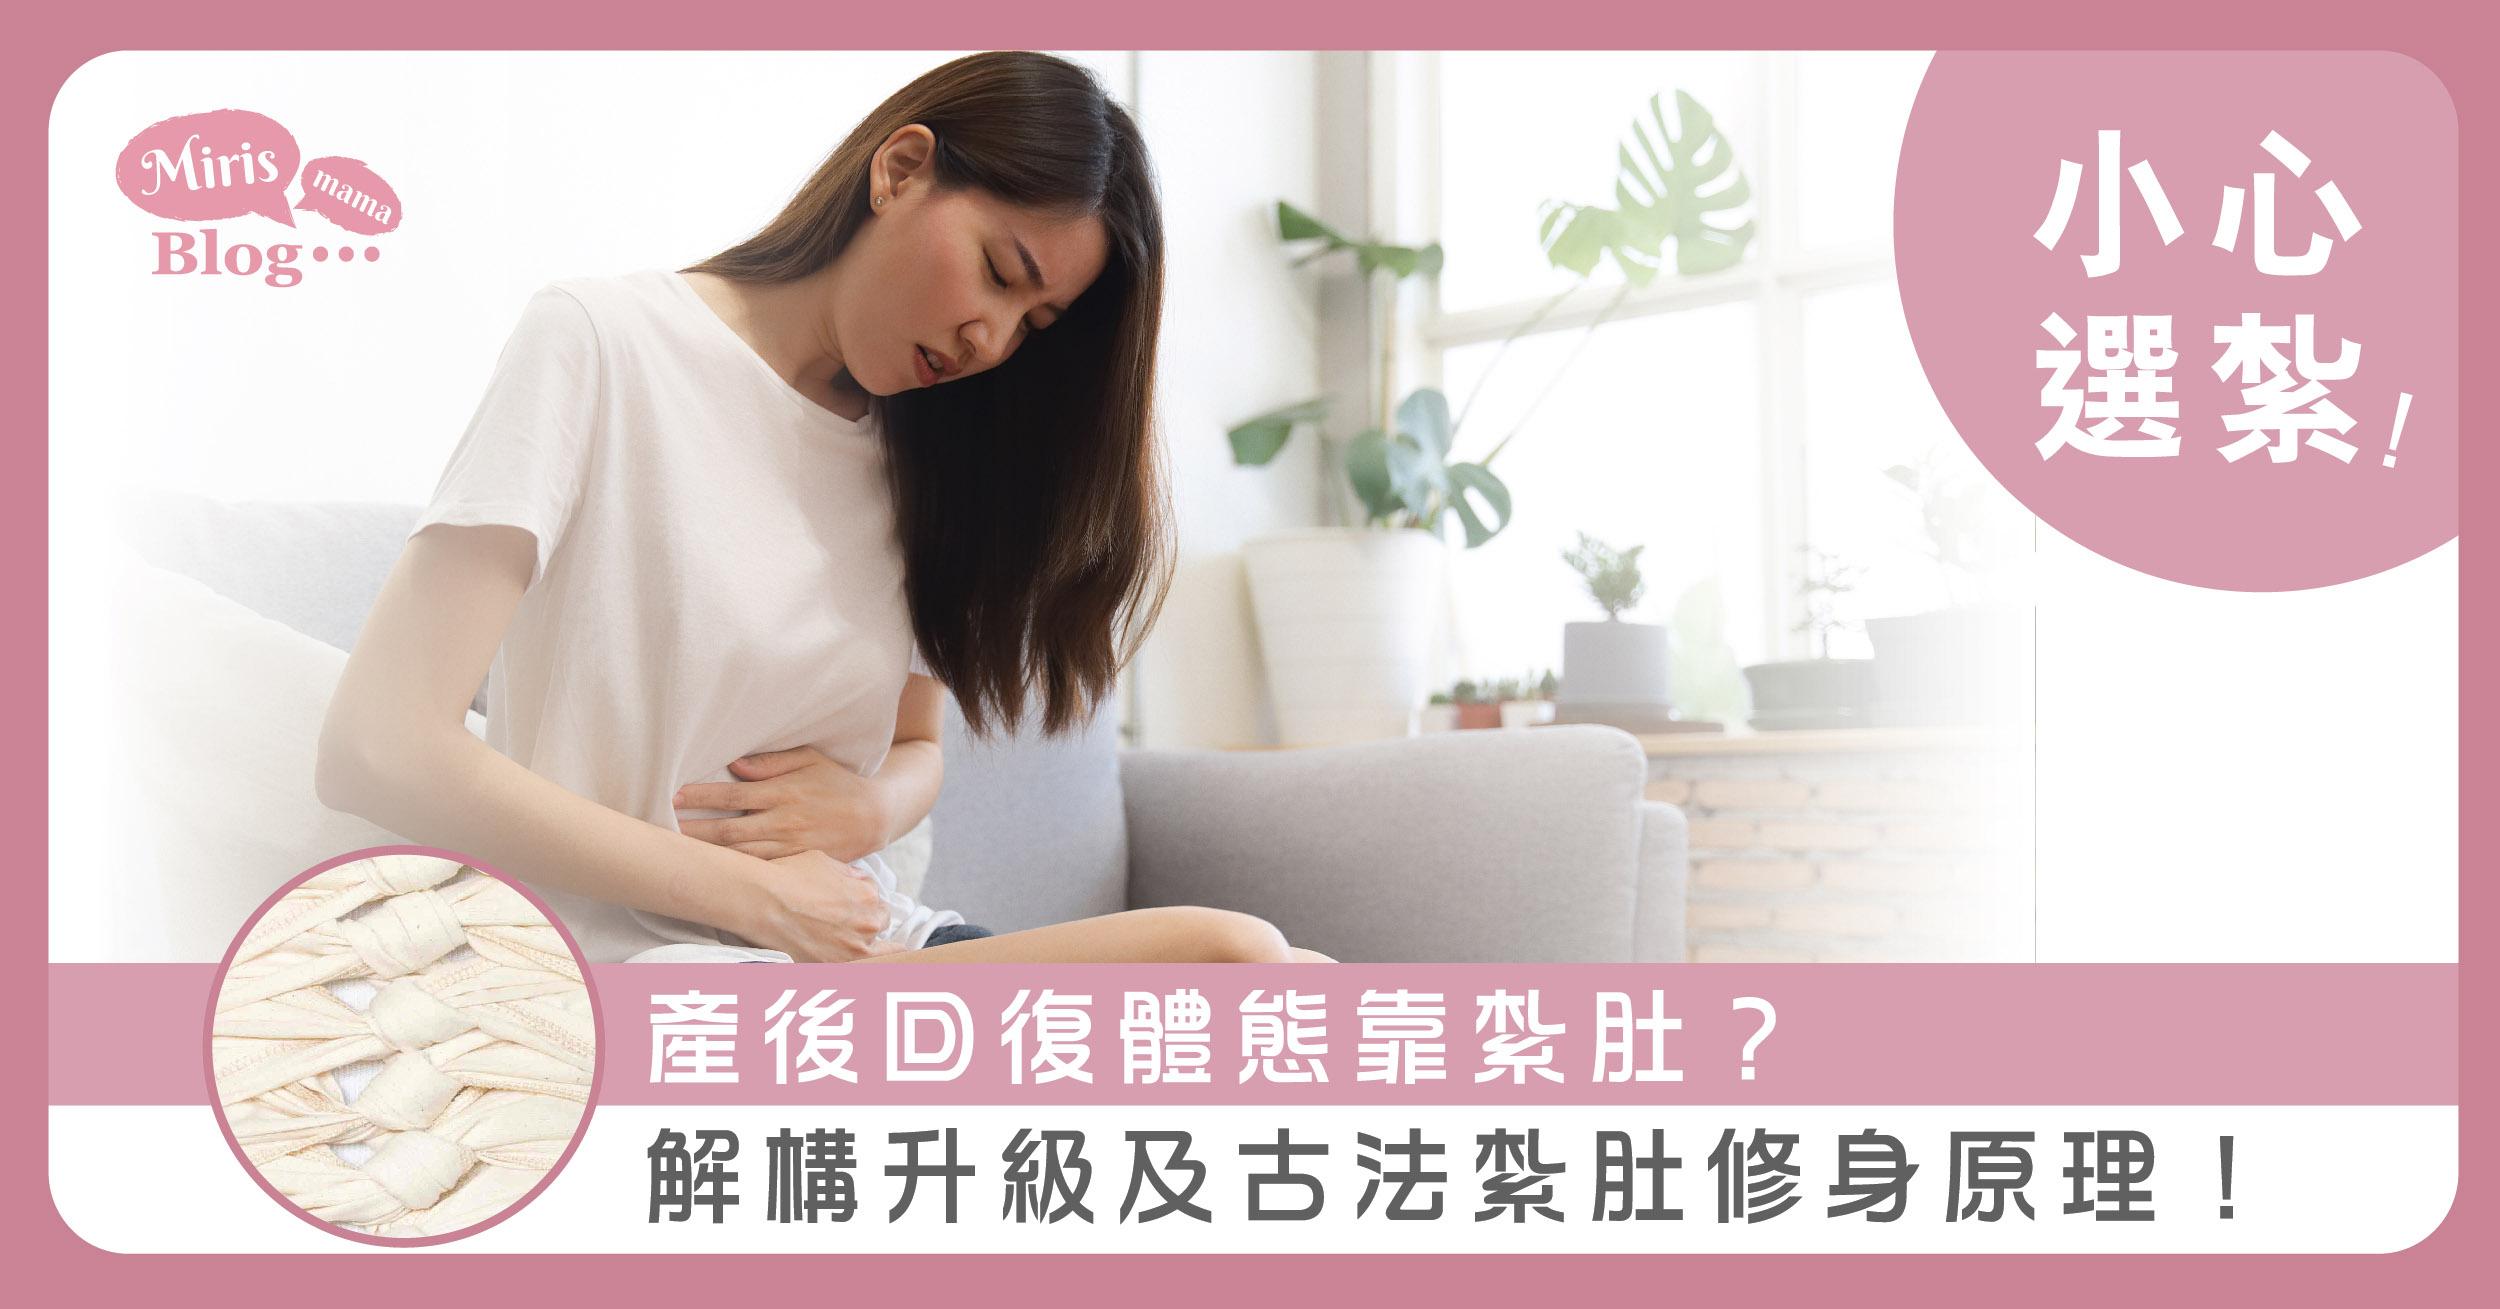 【小心選「紮」】產後回復體態靠紮肚?解構升級及古法紮肚修身原理!